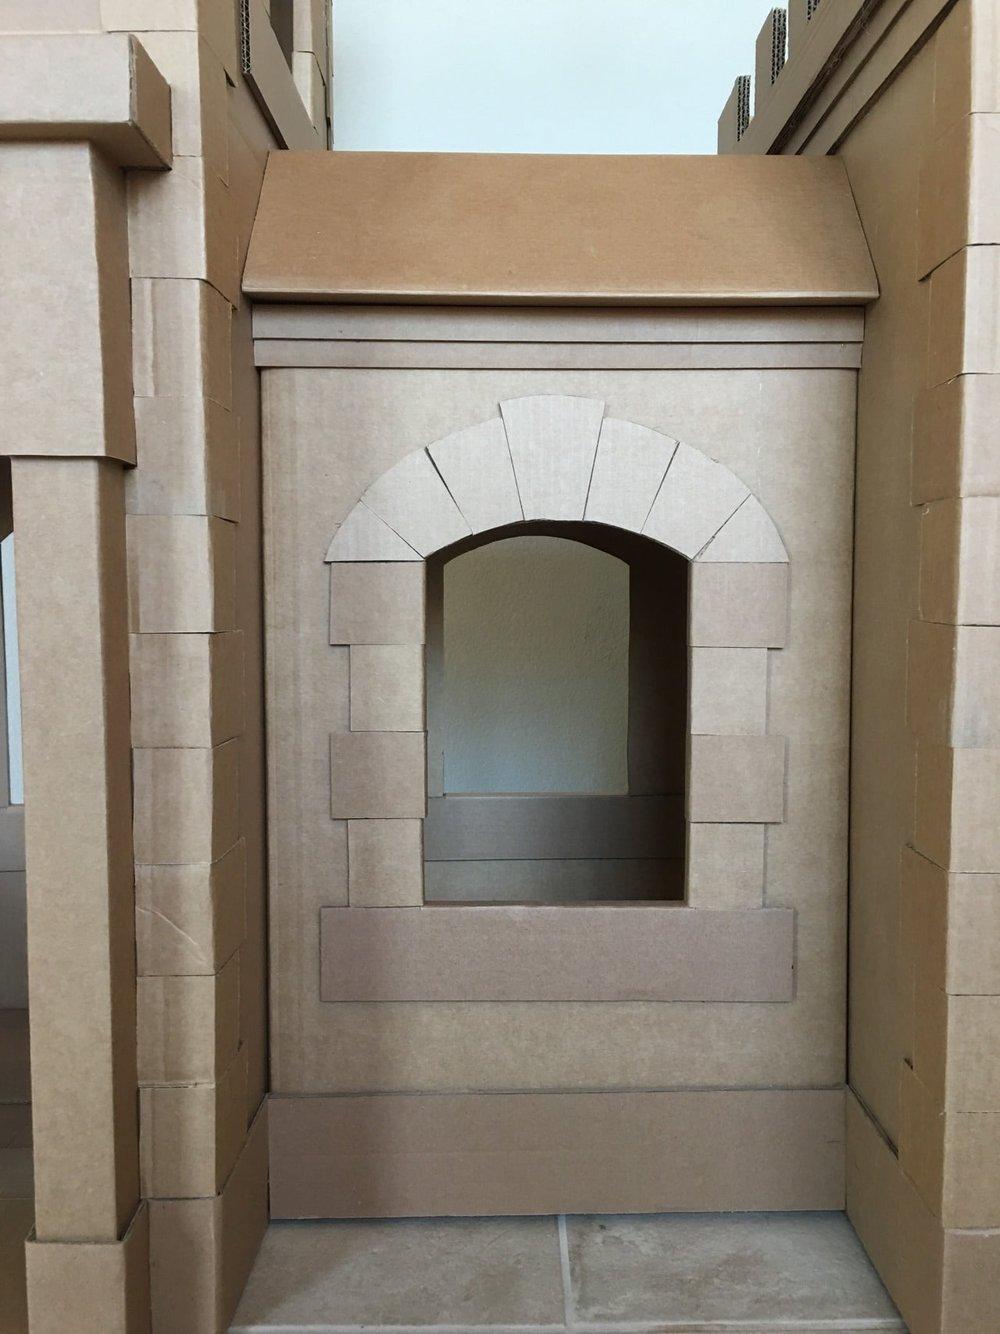 cardboard-castle-8.jpg